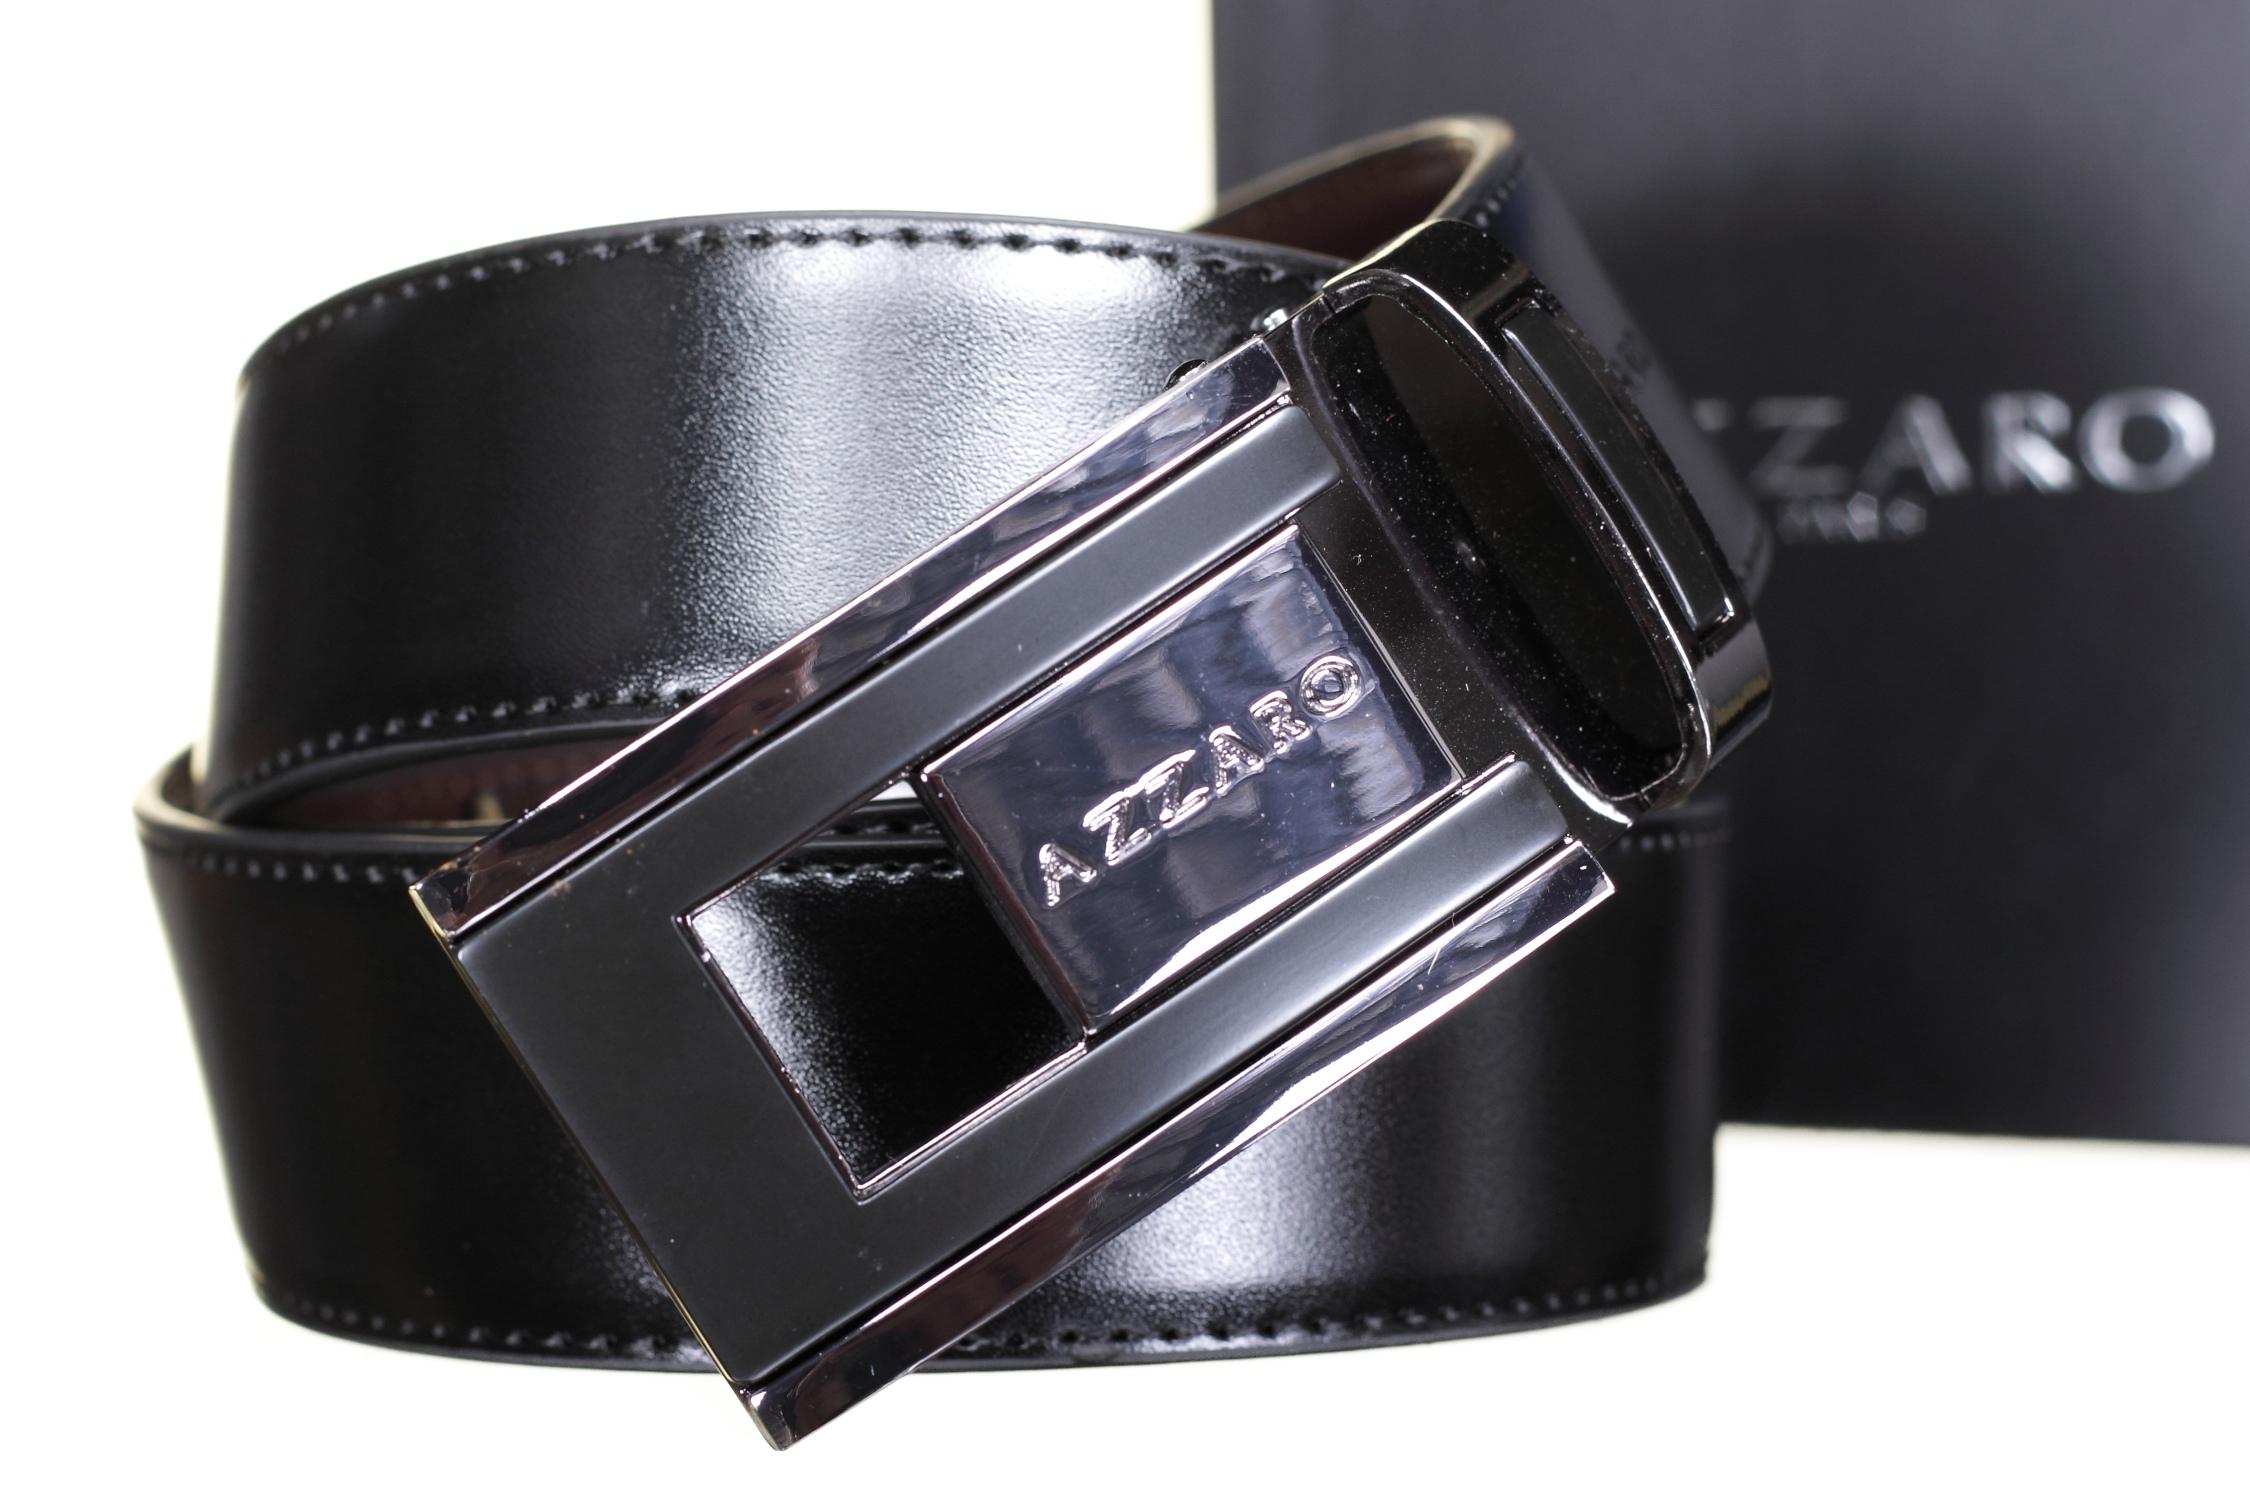 https://www.leadermode.com/91321/azzaro-large-91136-reversible-noir-marron.jpg